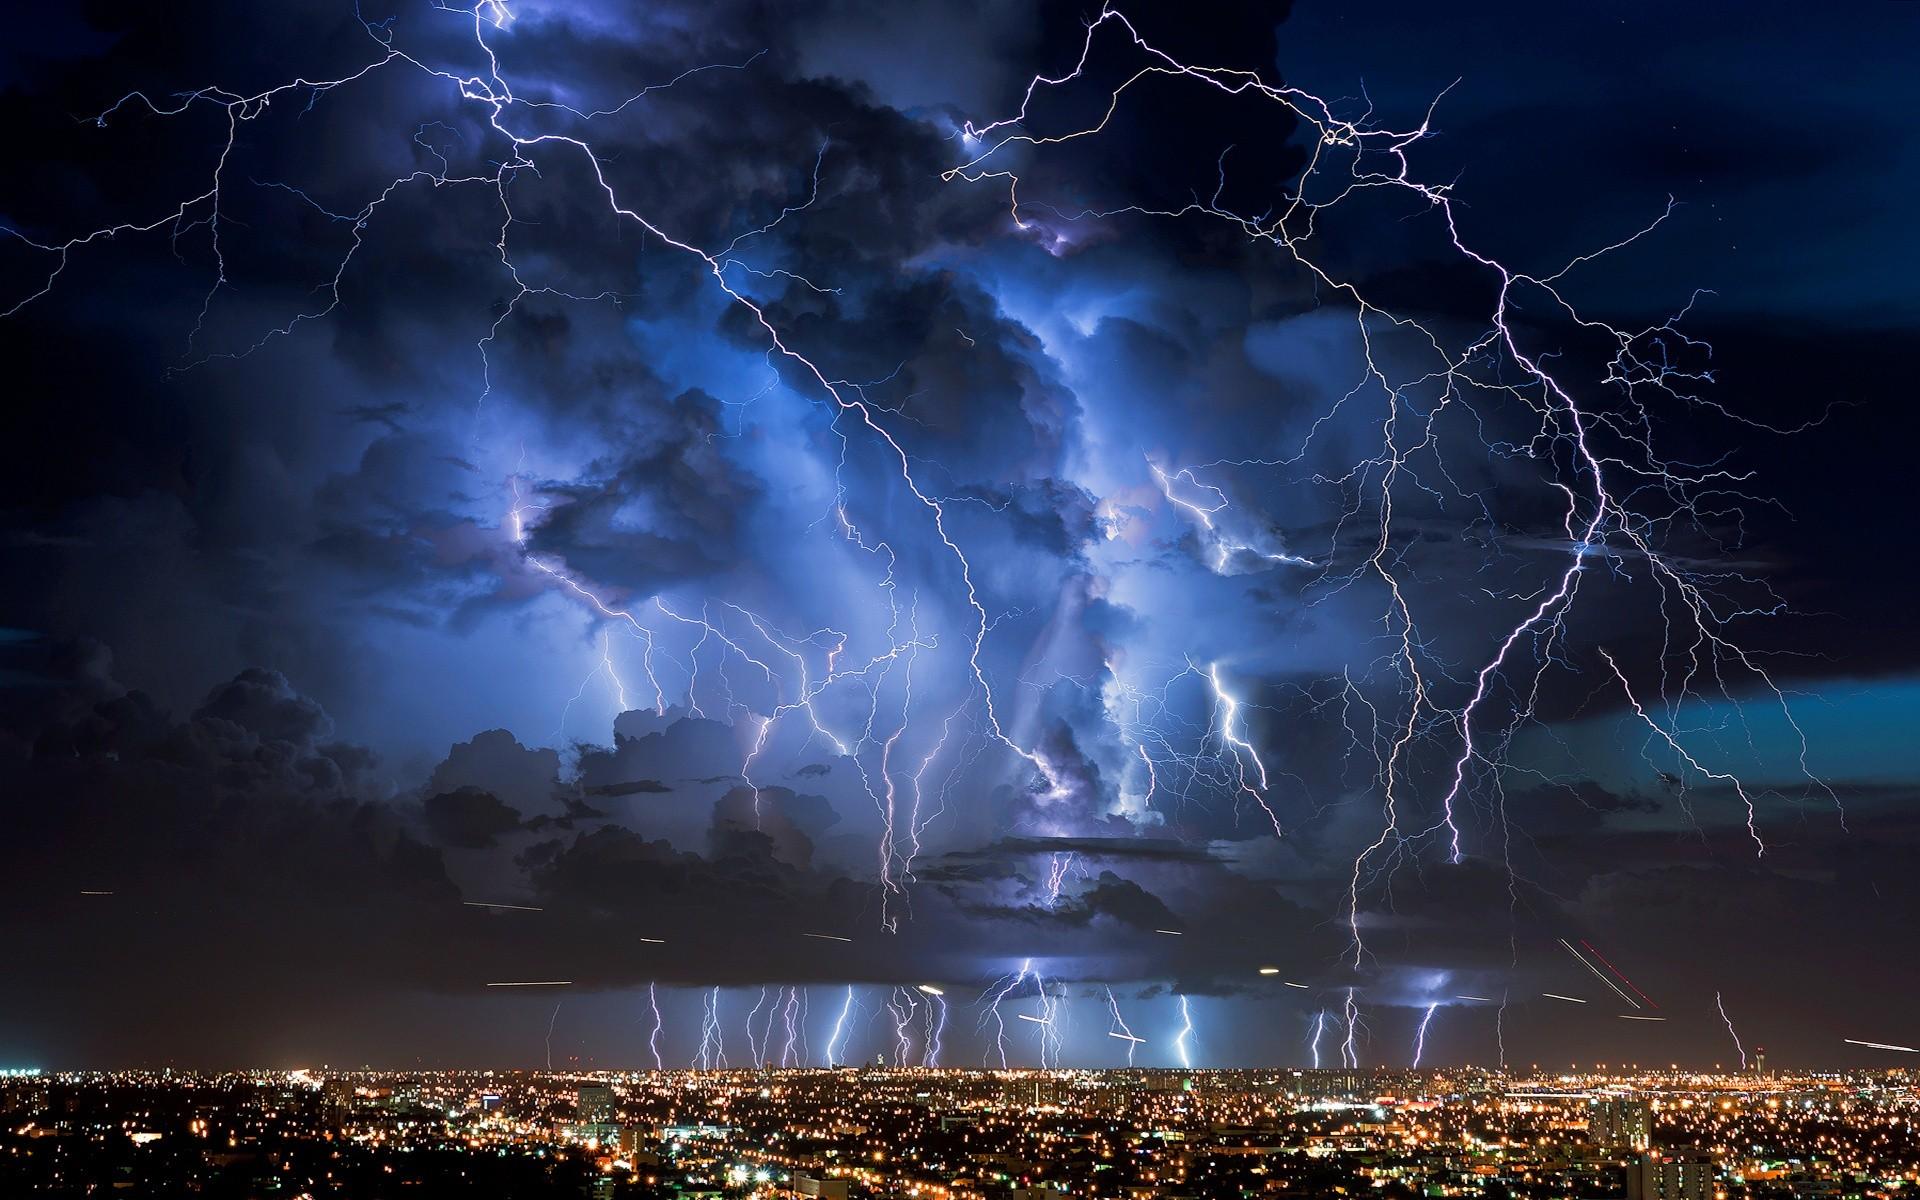 увидите узорах фото неба во время грозы течение этого времени